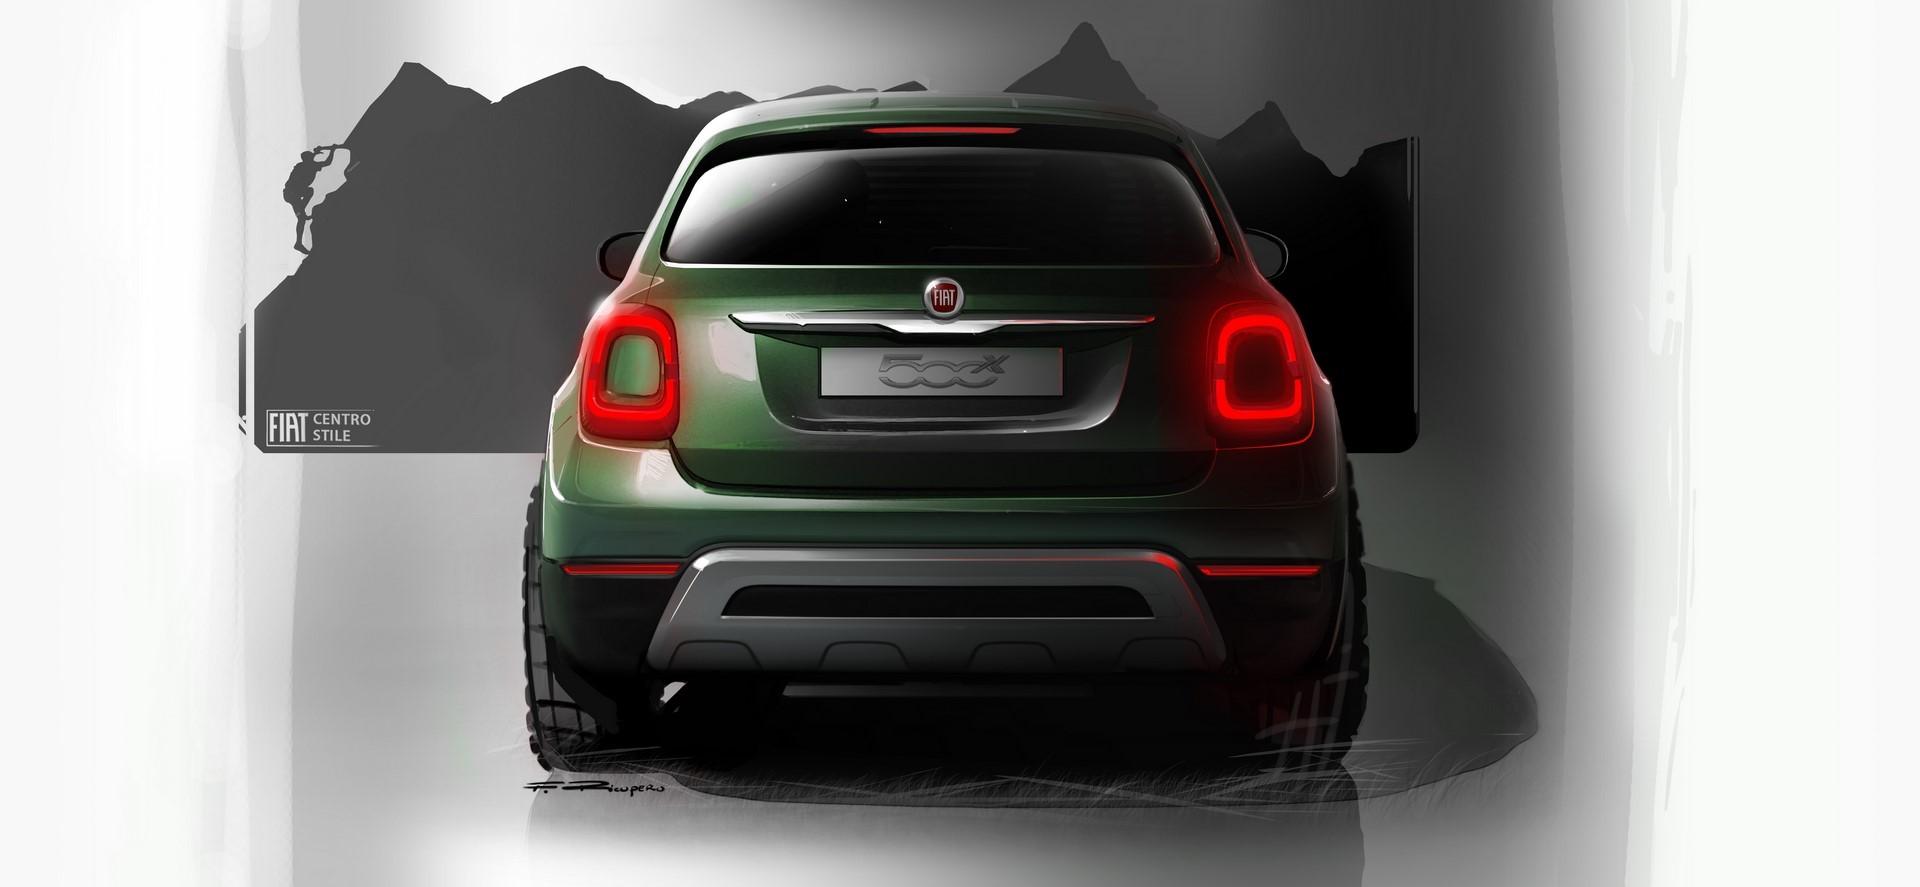 180828_Fiat_New-500X-sketch_20